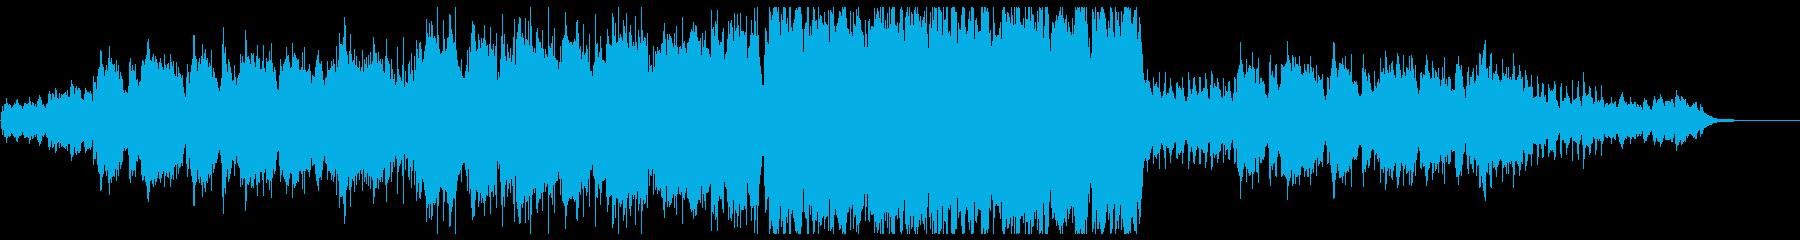 【MIX2】穏やかでノリの良い牧歌的な…の再生済みの波形